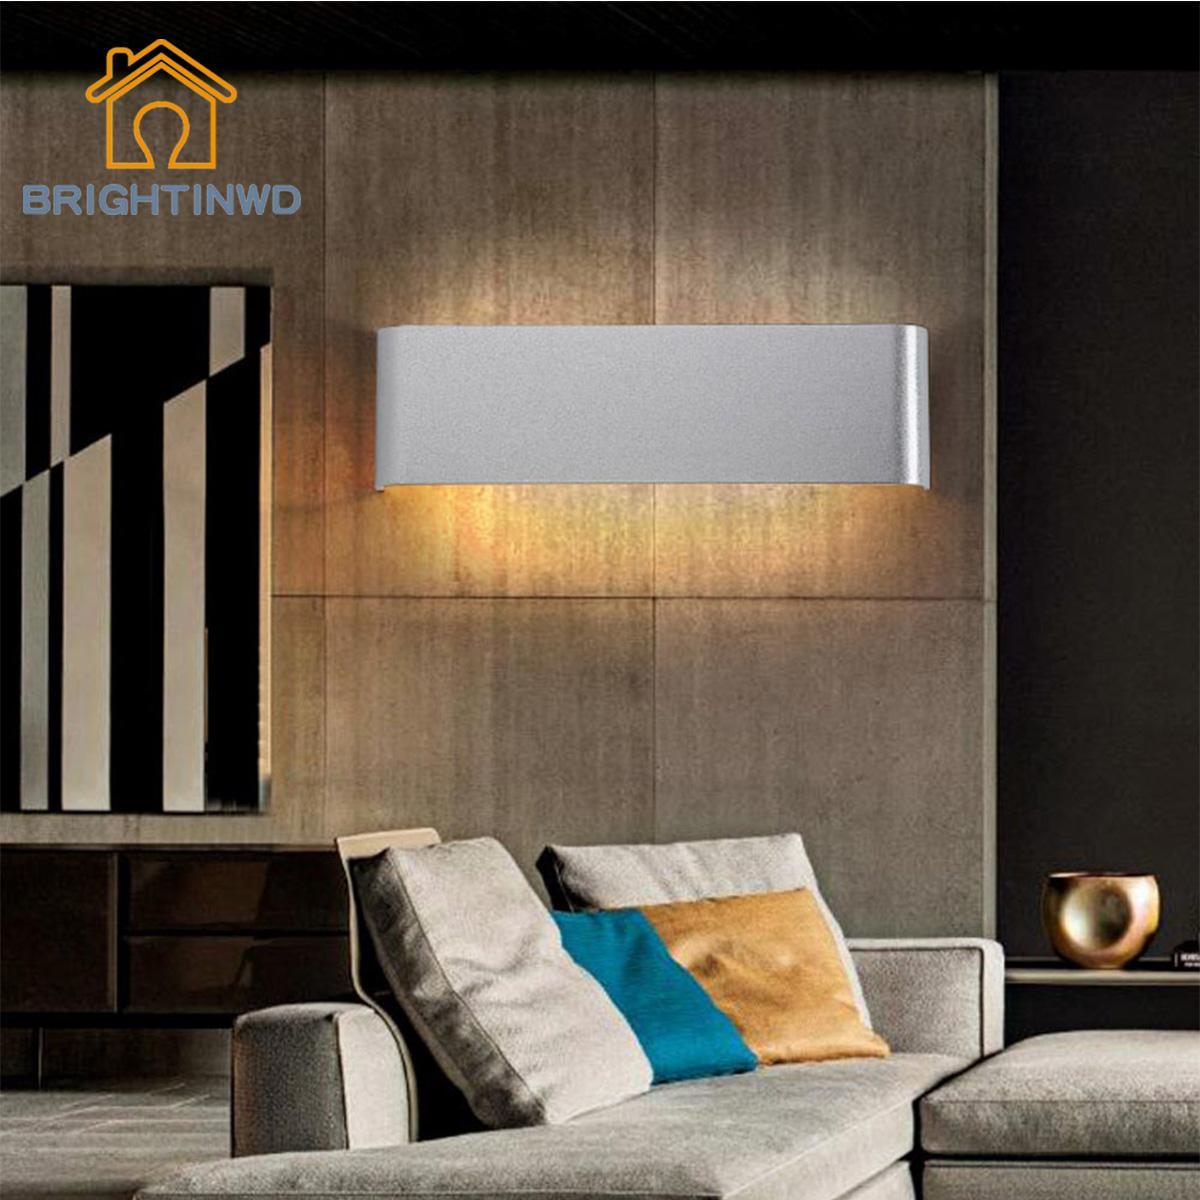 Acheter 8w LED Applique Murale Applique Spot Éclairage Chambre Chambre De  $28.15 Du Tcled2018 | DHgate.Com